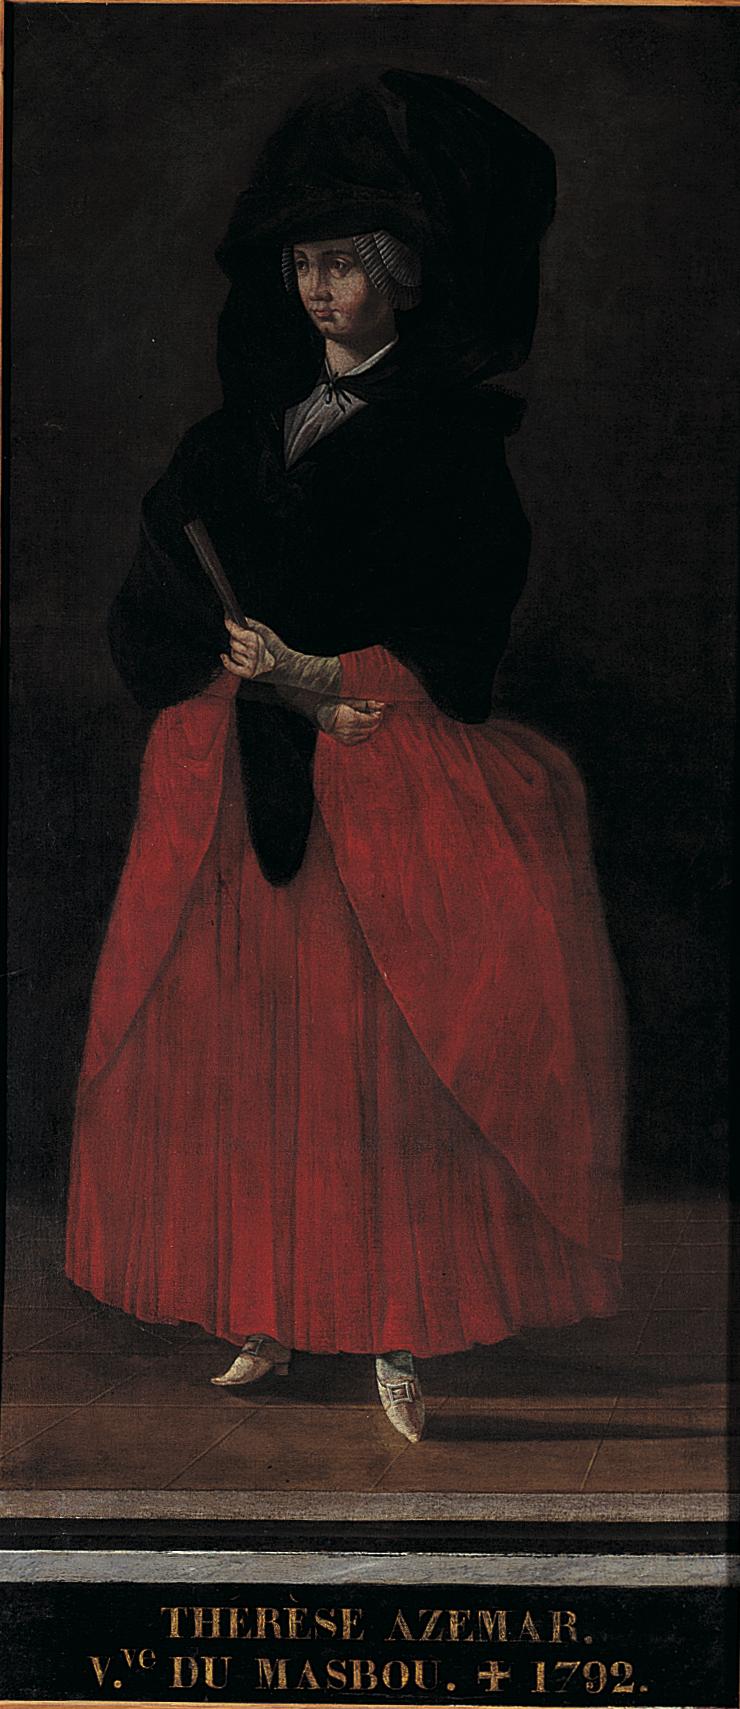 Portrait de Thérèse Azémar